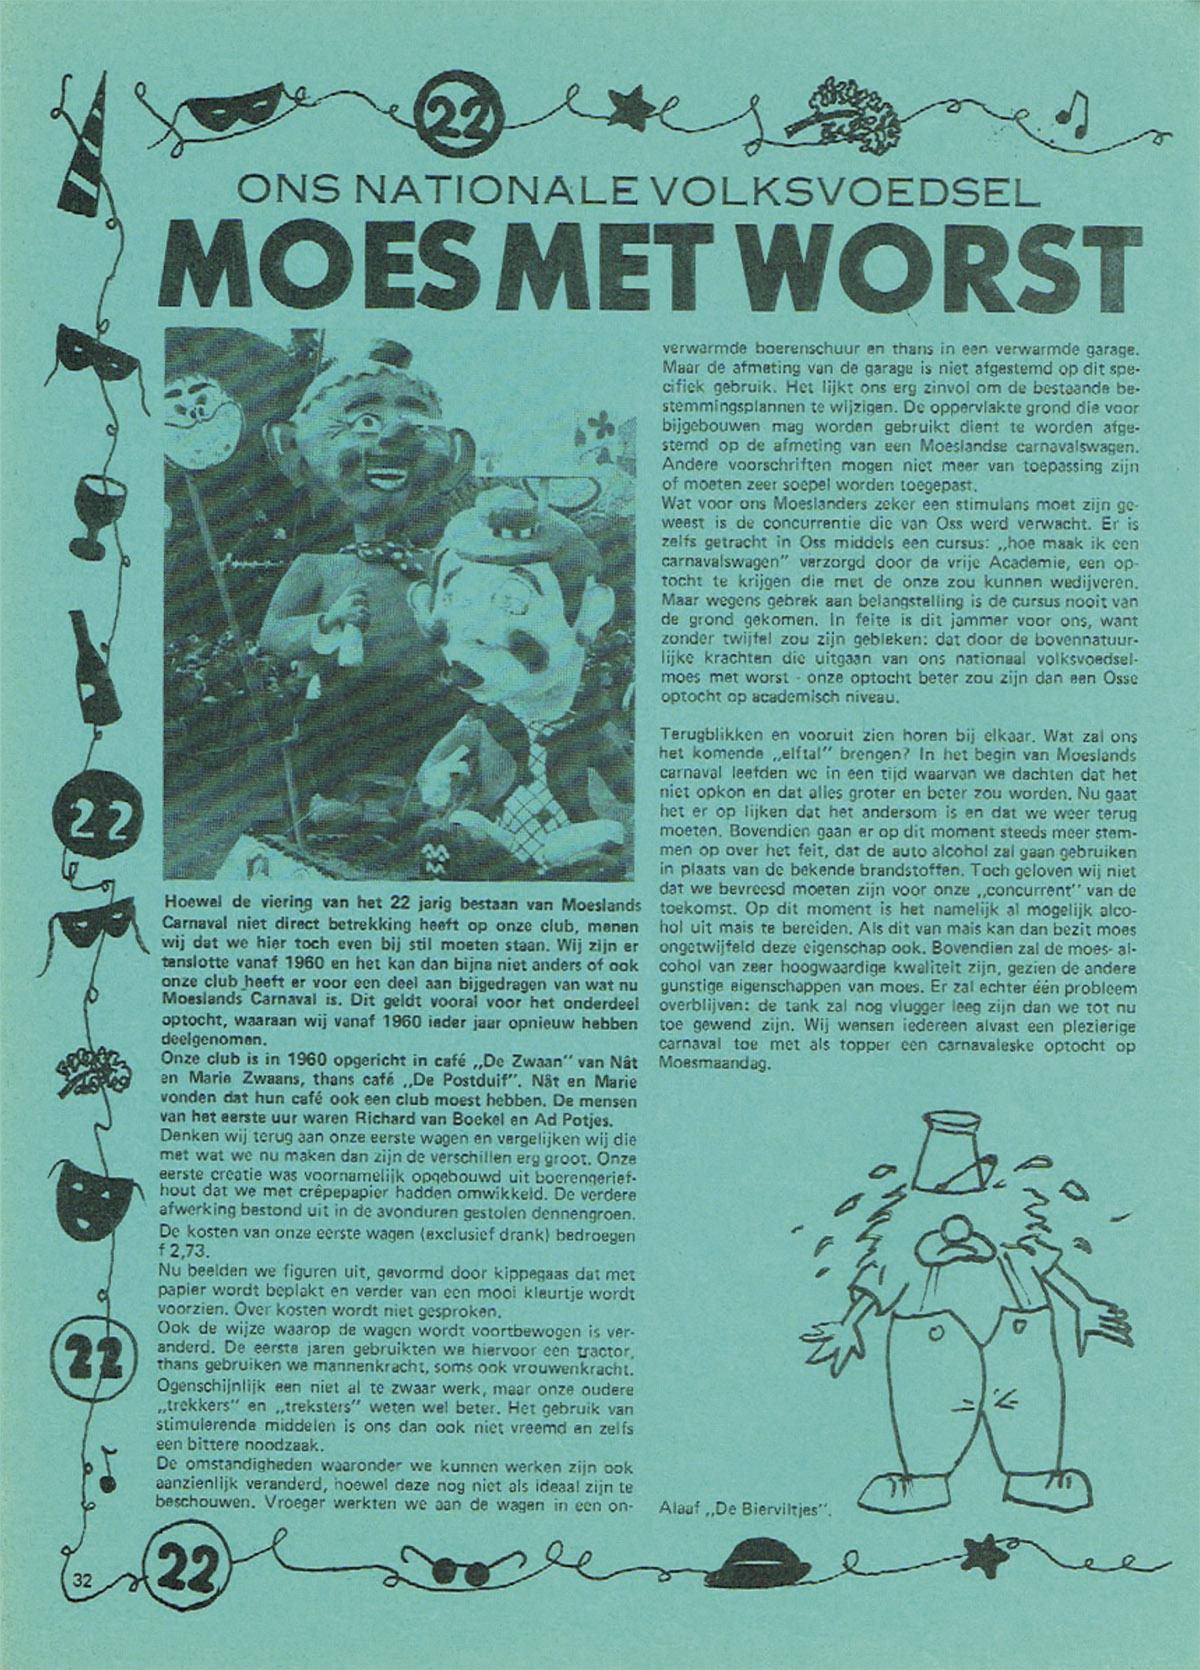 Stuk uit de carnavalskrant van de Bierviltjes - 1981